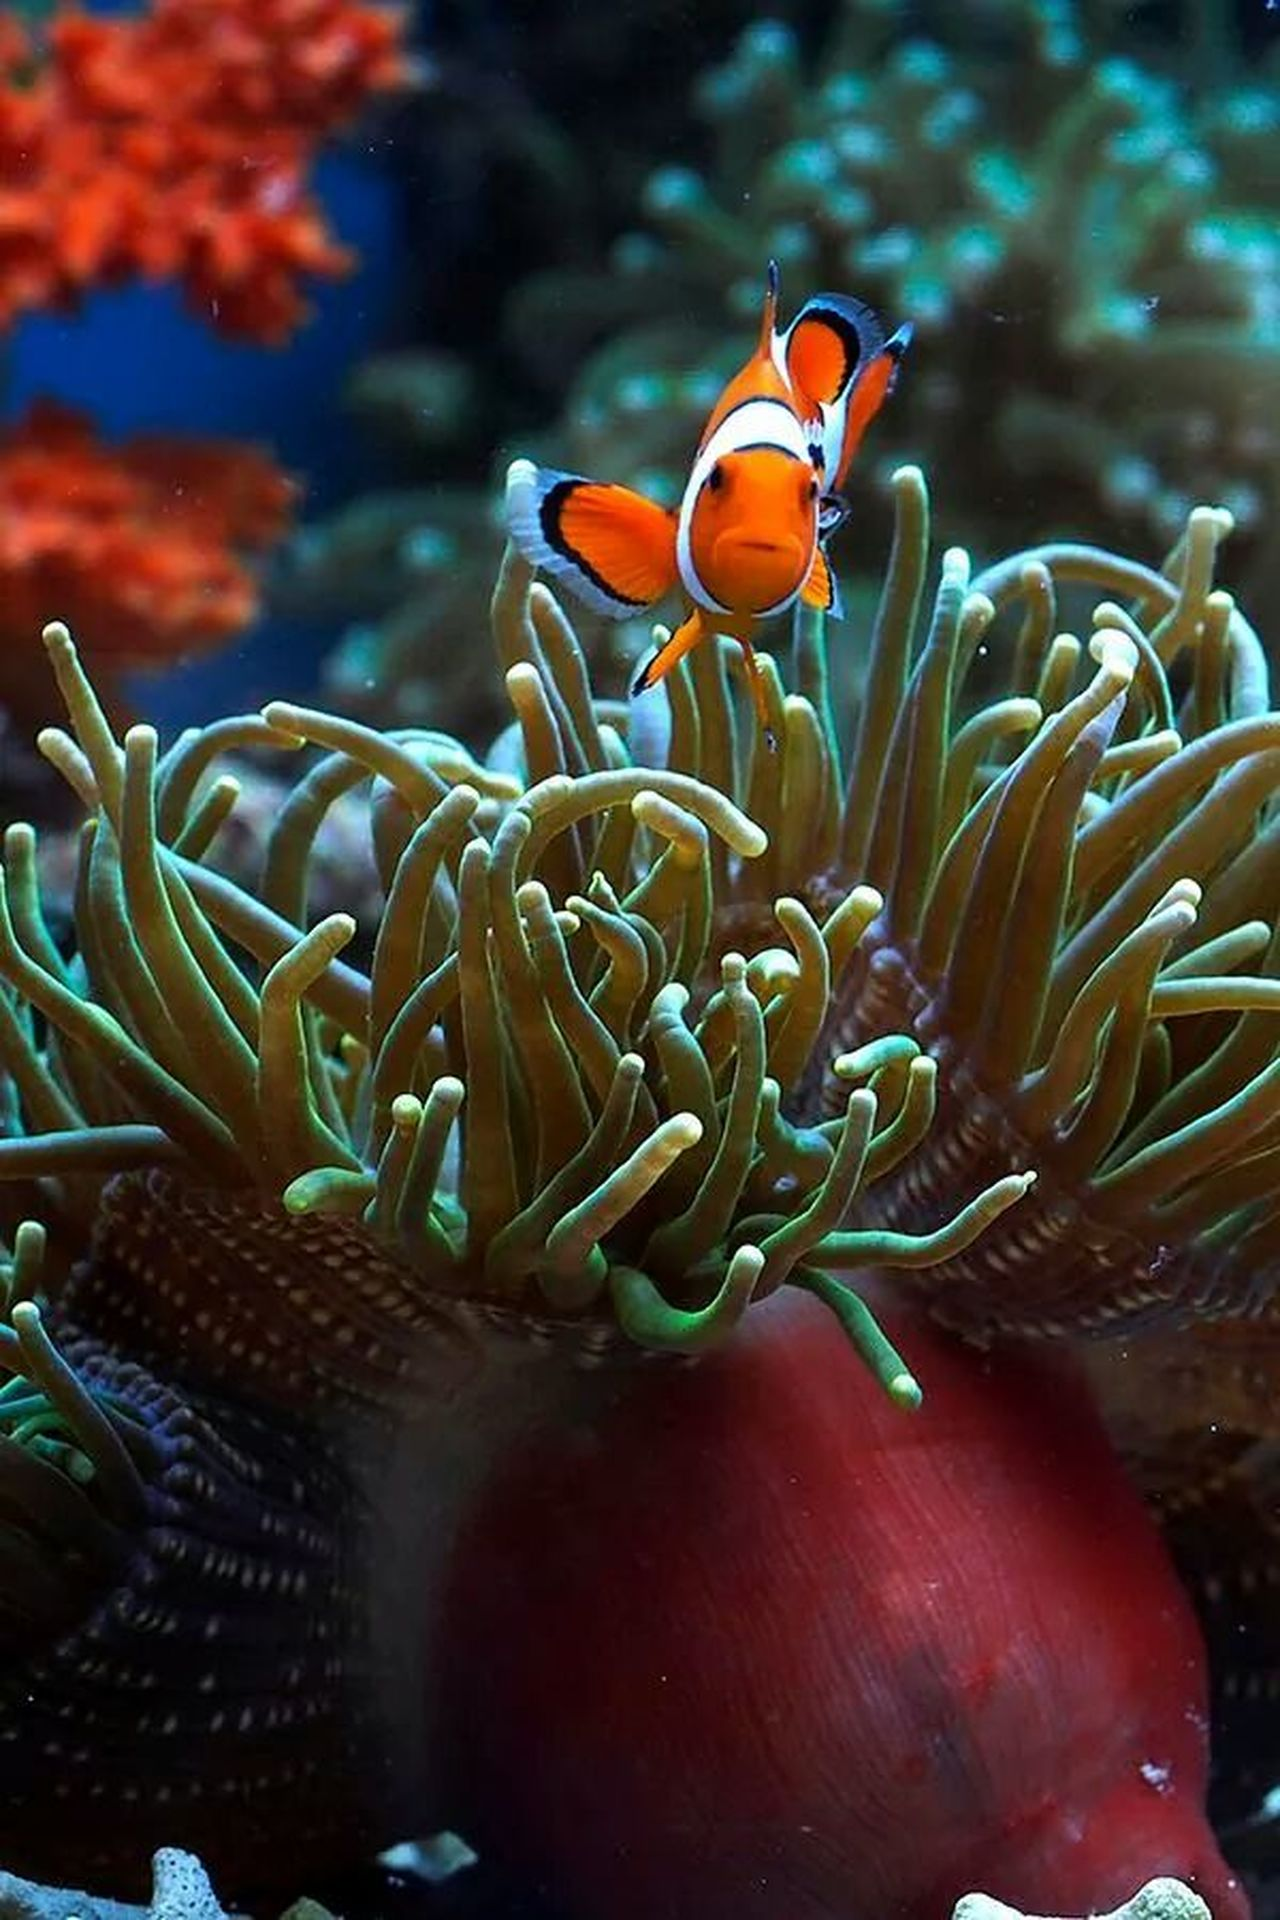 Nemo Eye For Photography Macro Photography Macro Clique Macro_collection